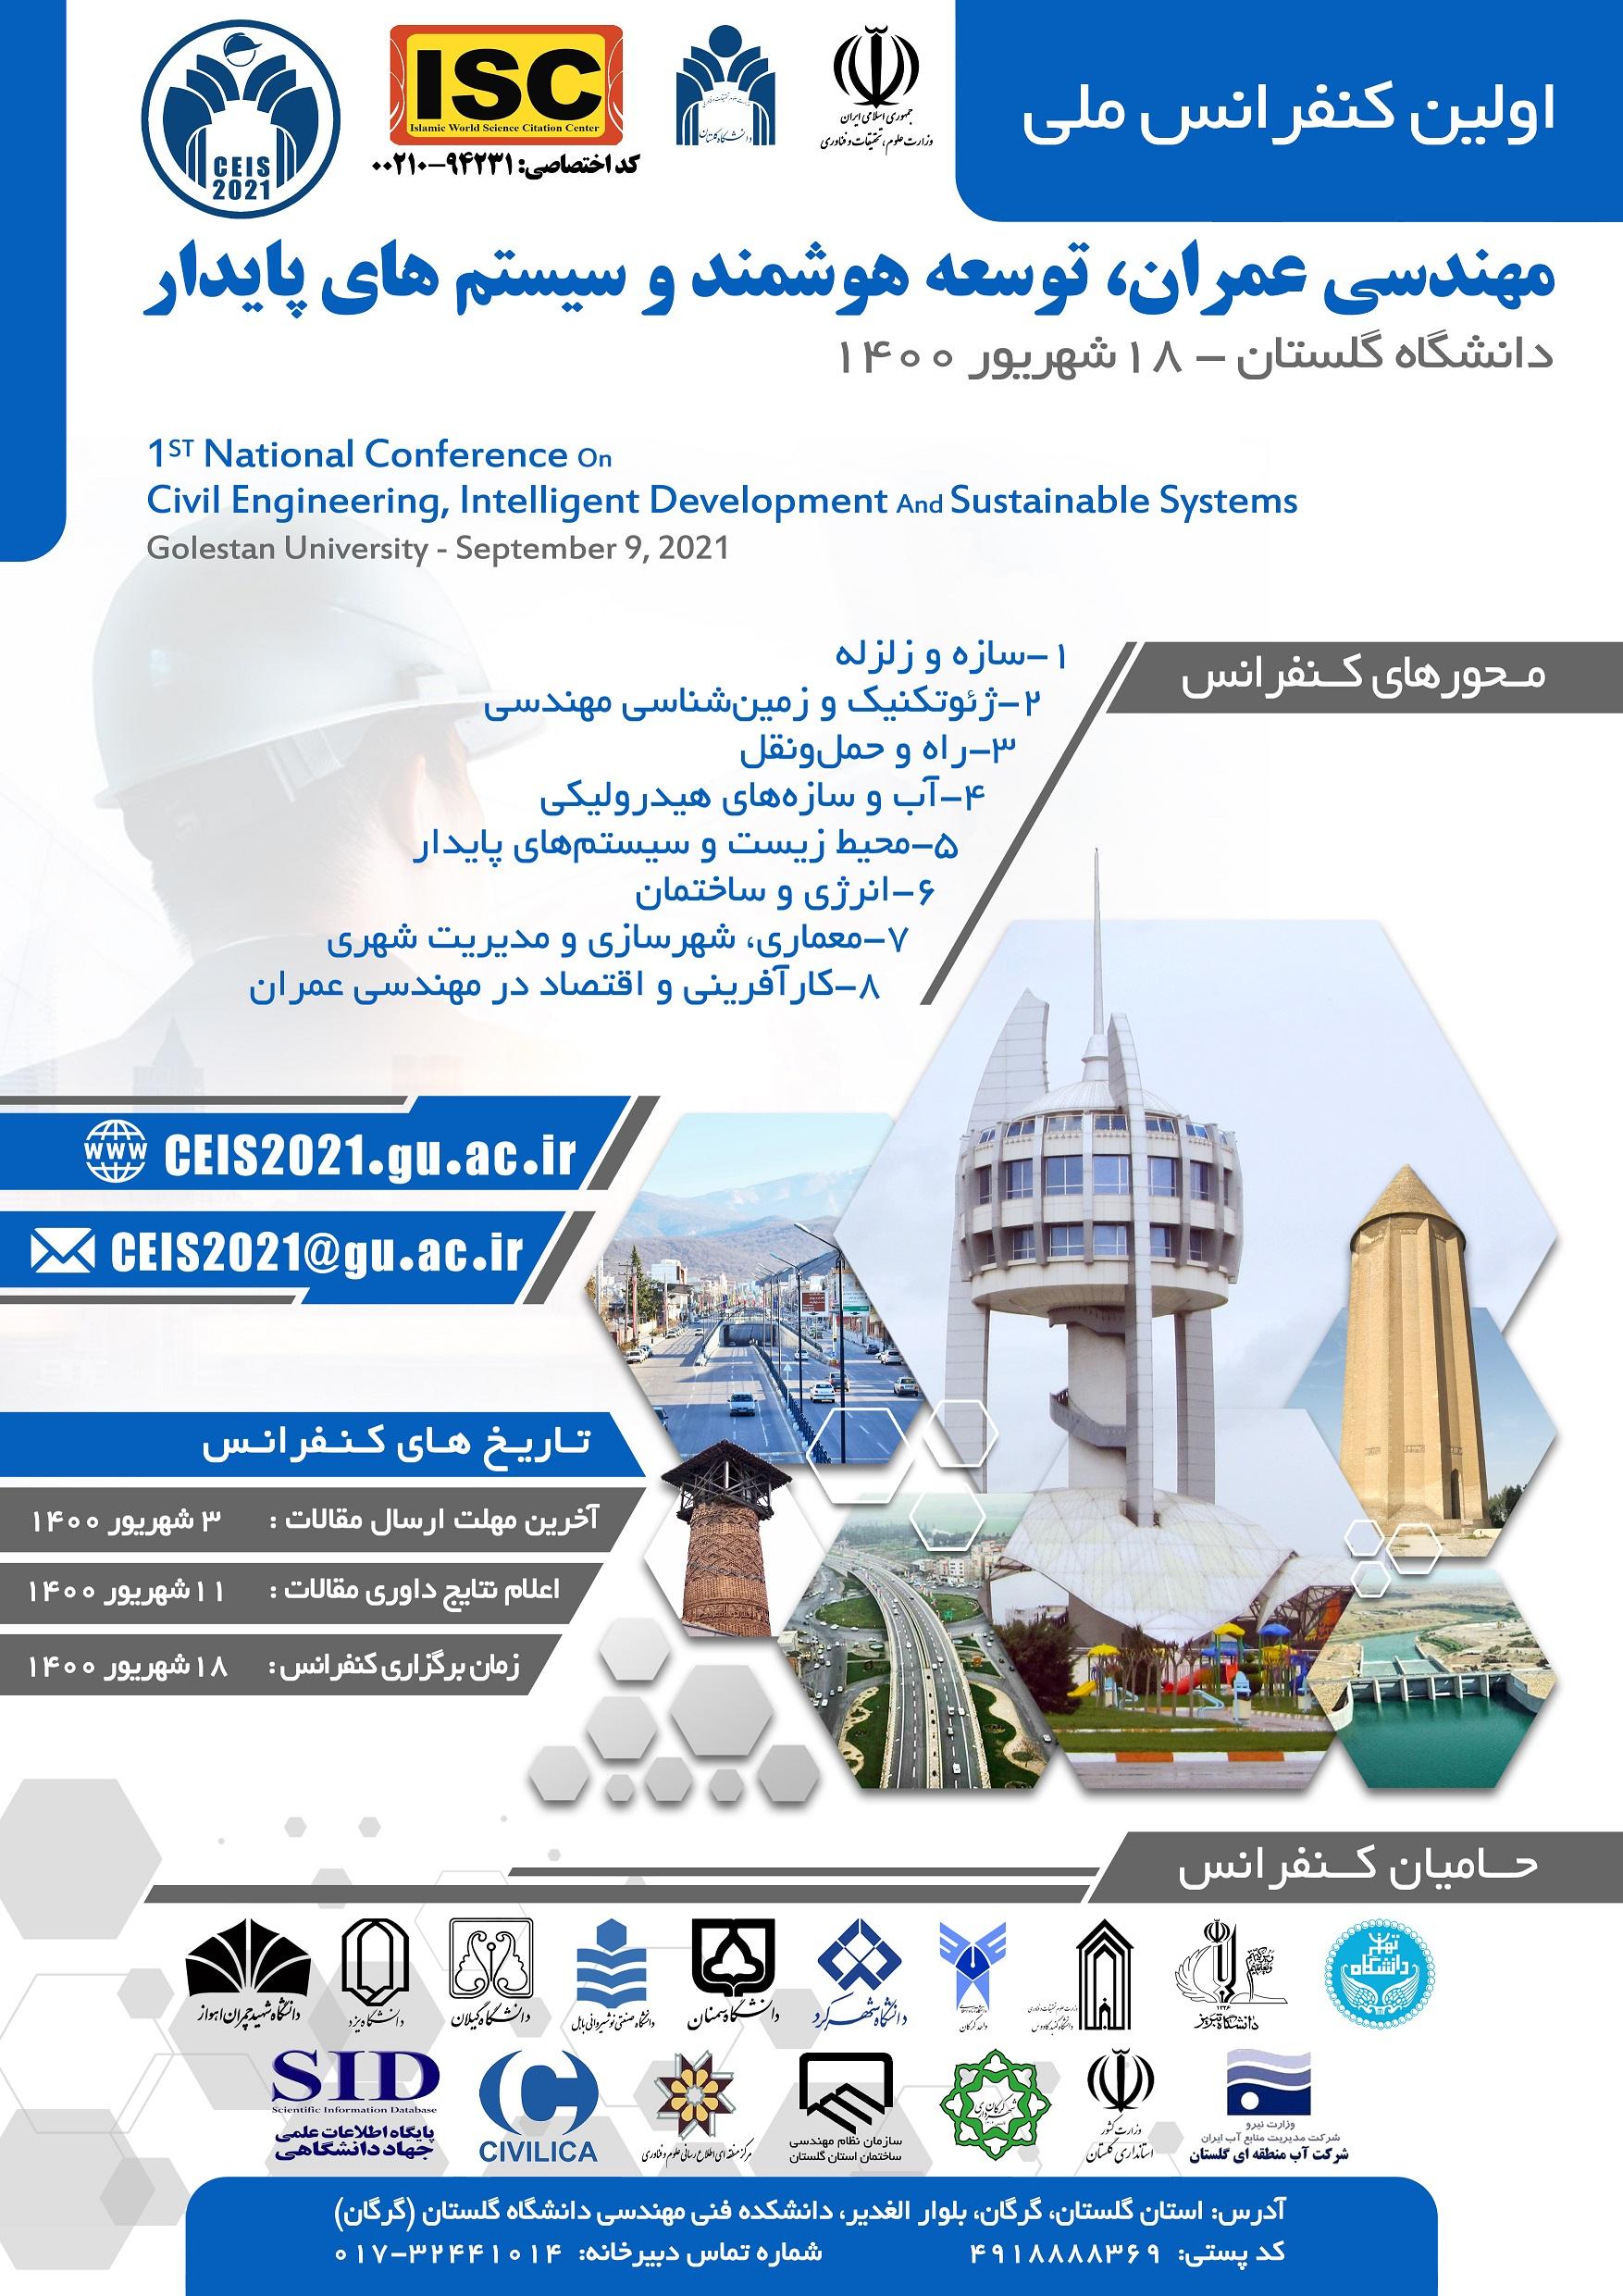 کنفرانس مهندسی عمران، توسعه ی هوشمند و سیستم ها پایدار